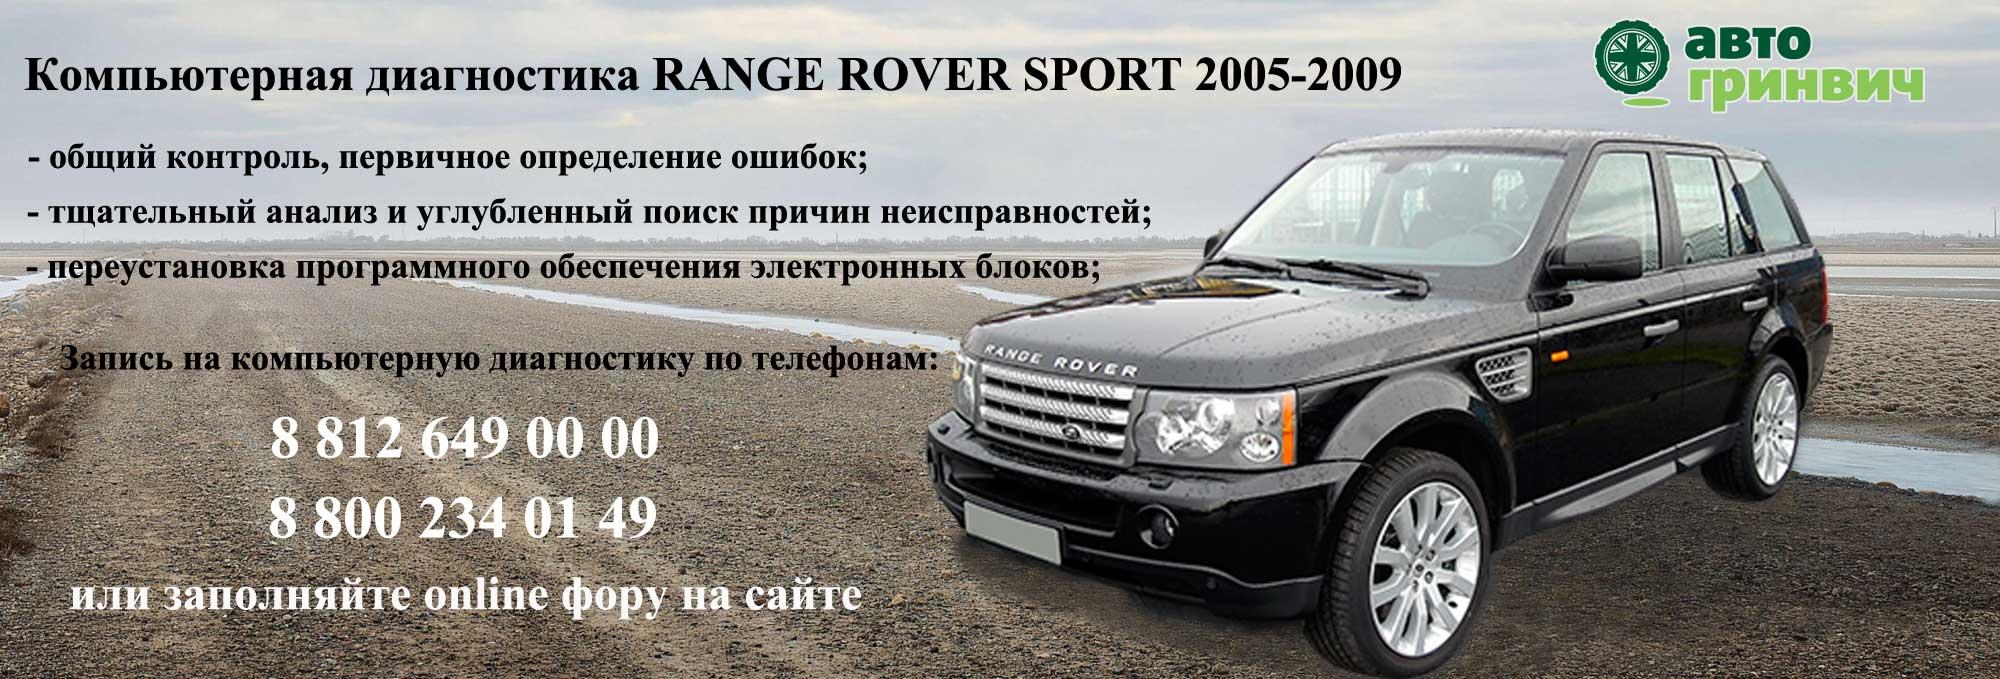 Диагностика RANGE ROVER SPORT 2005-2009